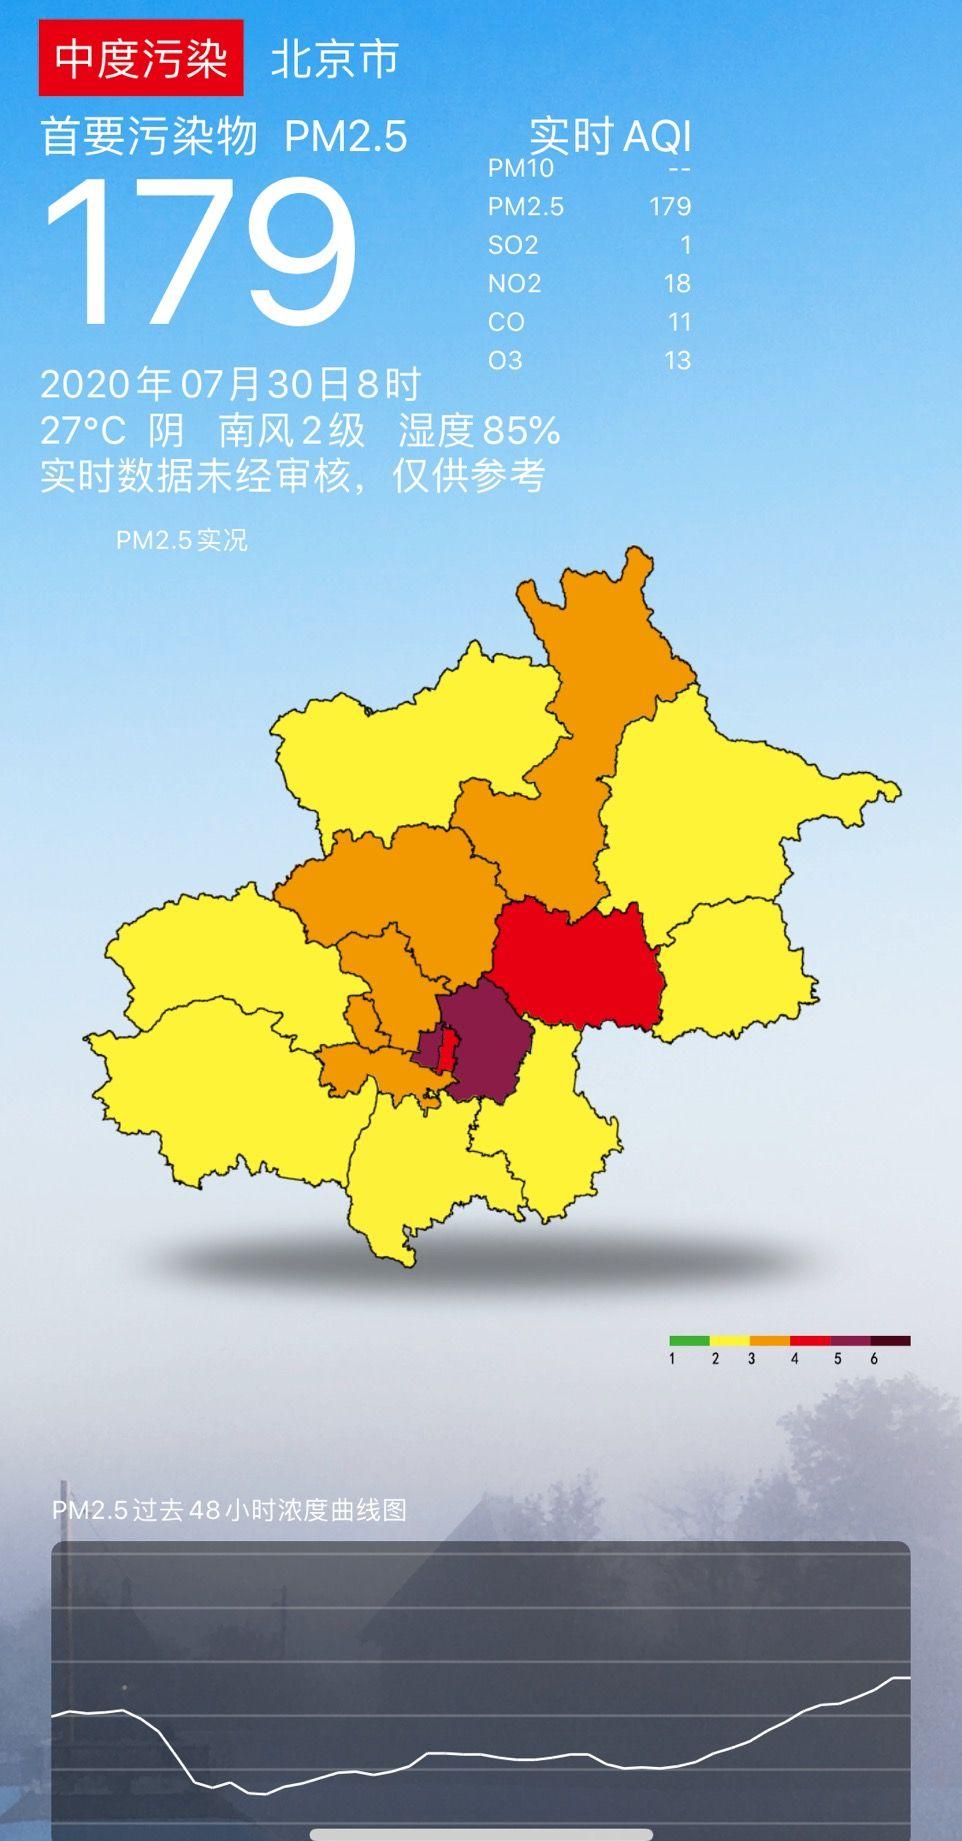 赢咖3招商北京城区现赢咖3招商空气重污染图片